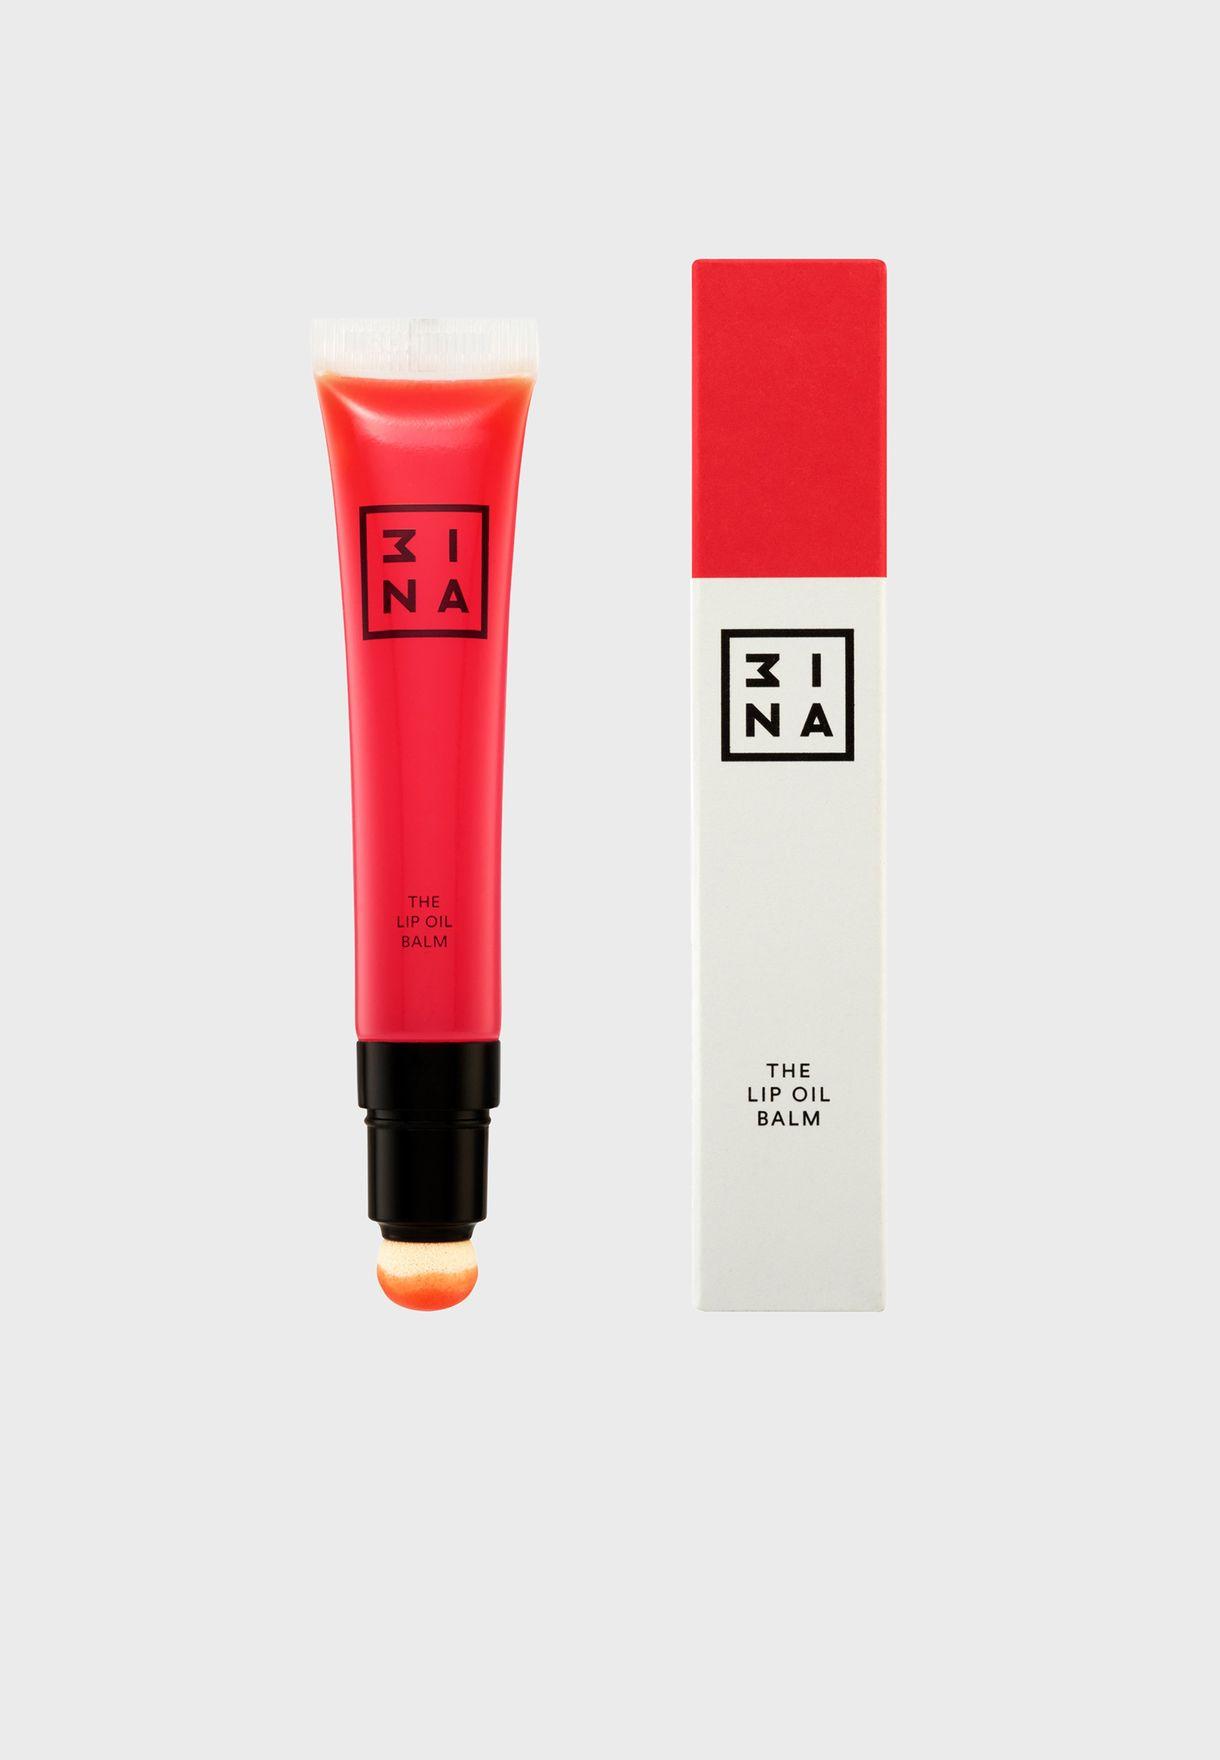 The Lip Oil Balm 102